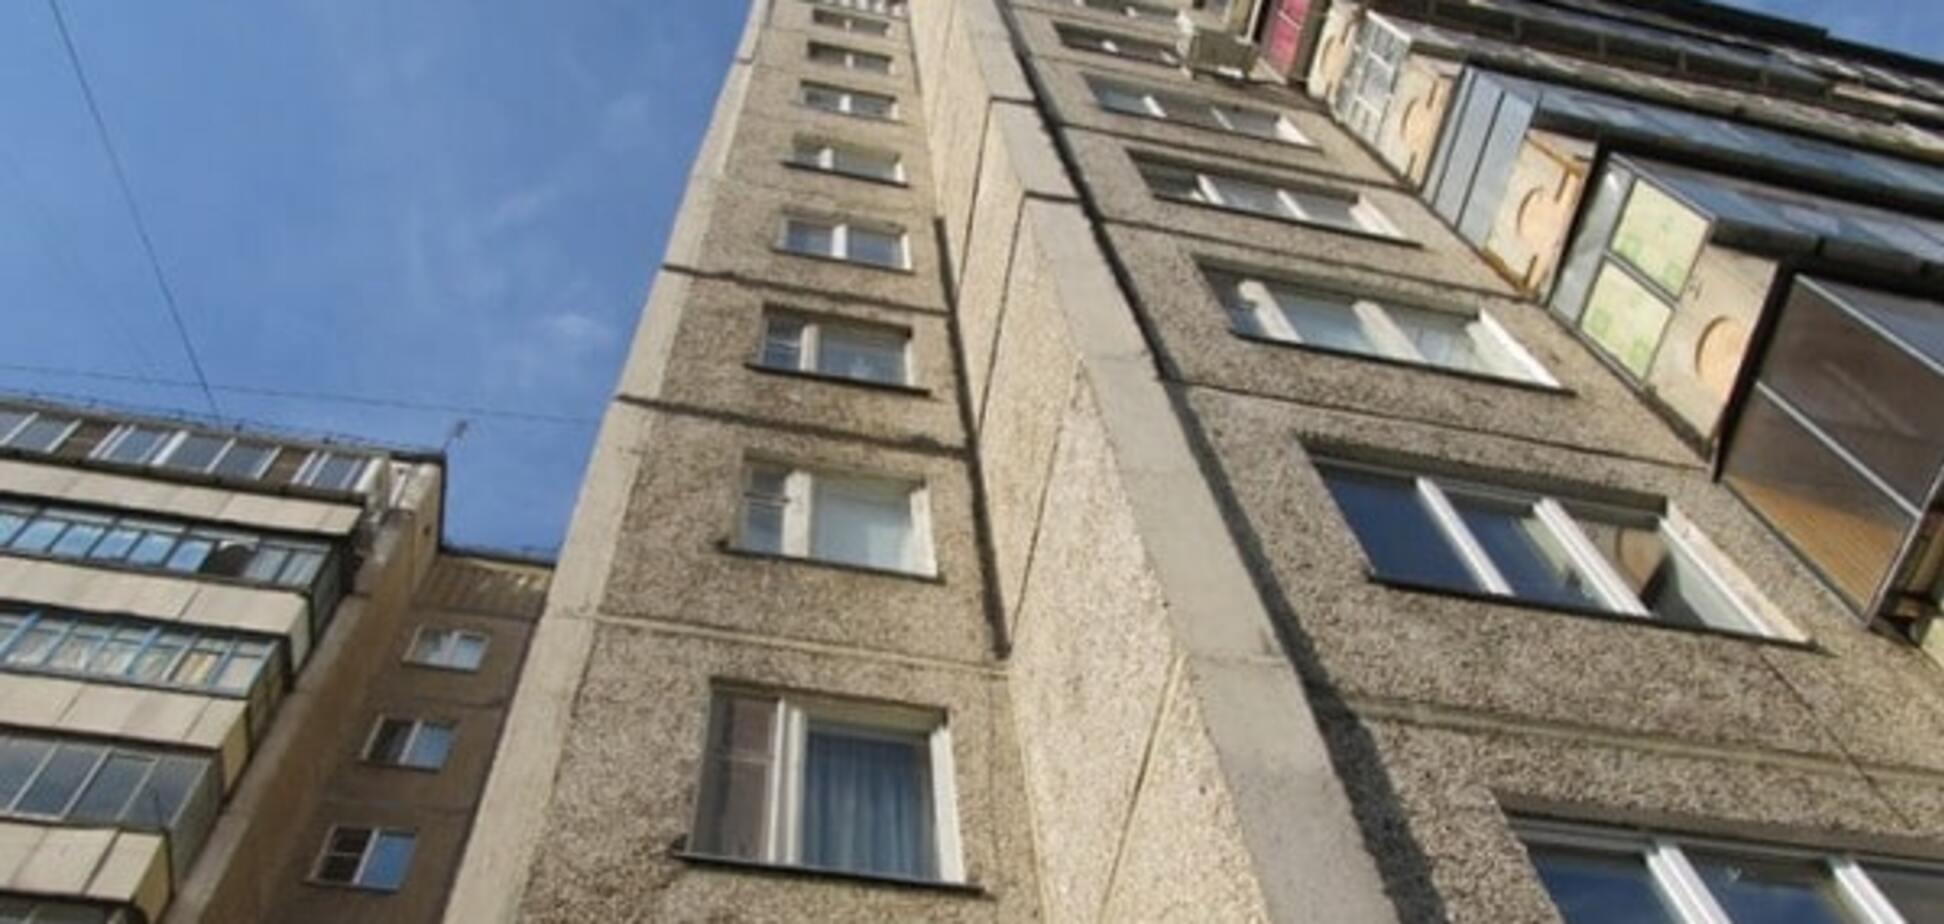 Жахлива подія: у Києві із 5 поверху випала однорічна дитина